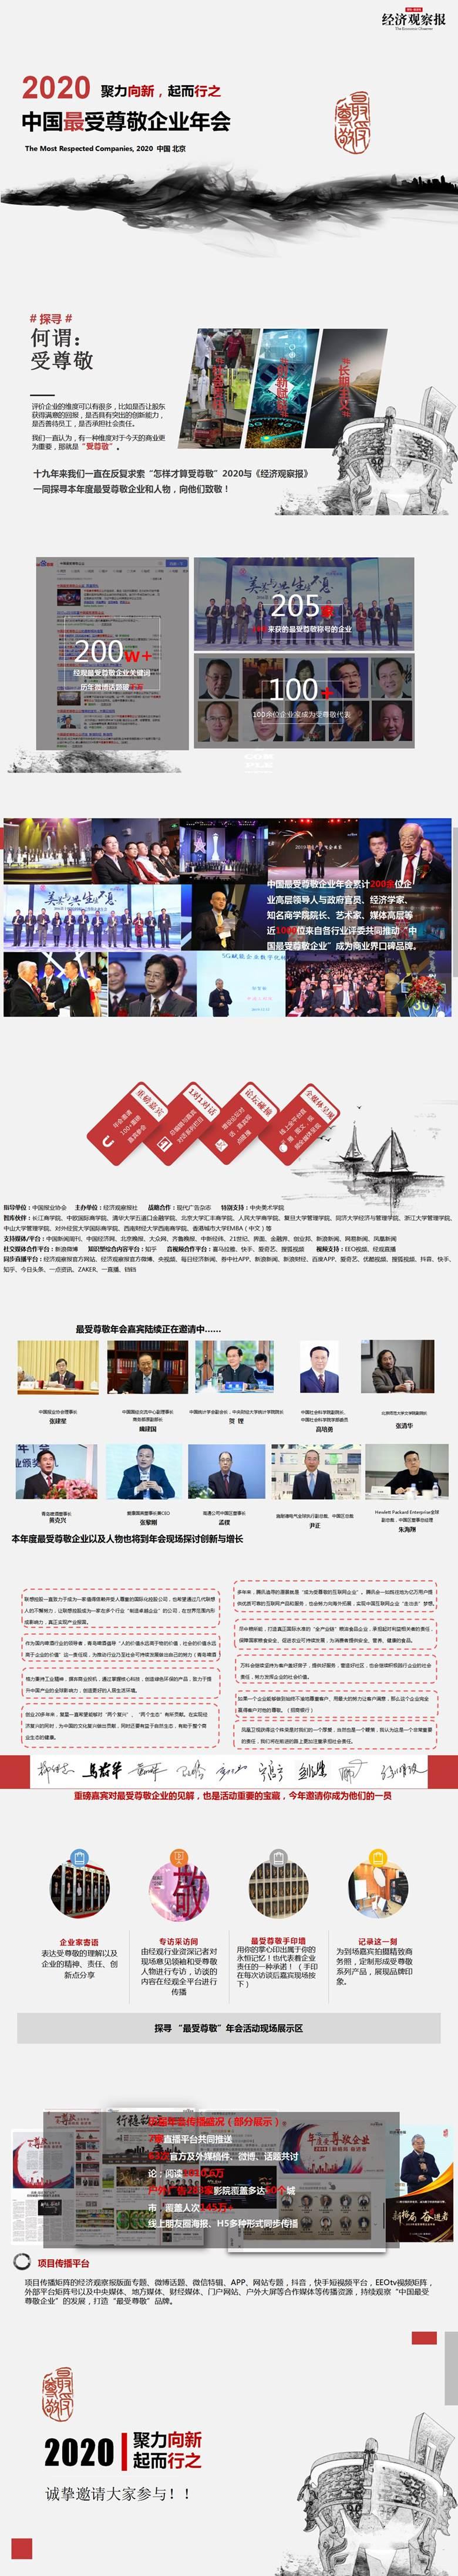 2020年度中国最受尊敬企业活动9.29 - 副本.png